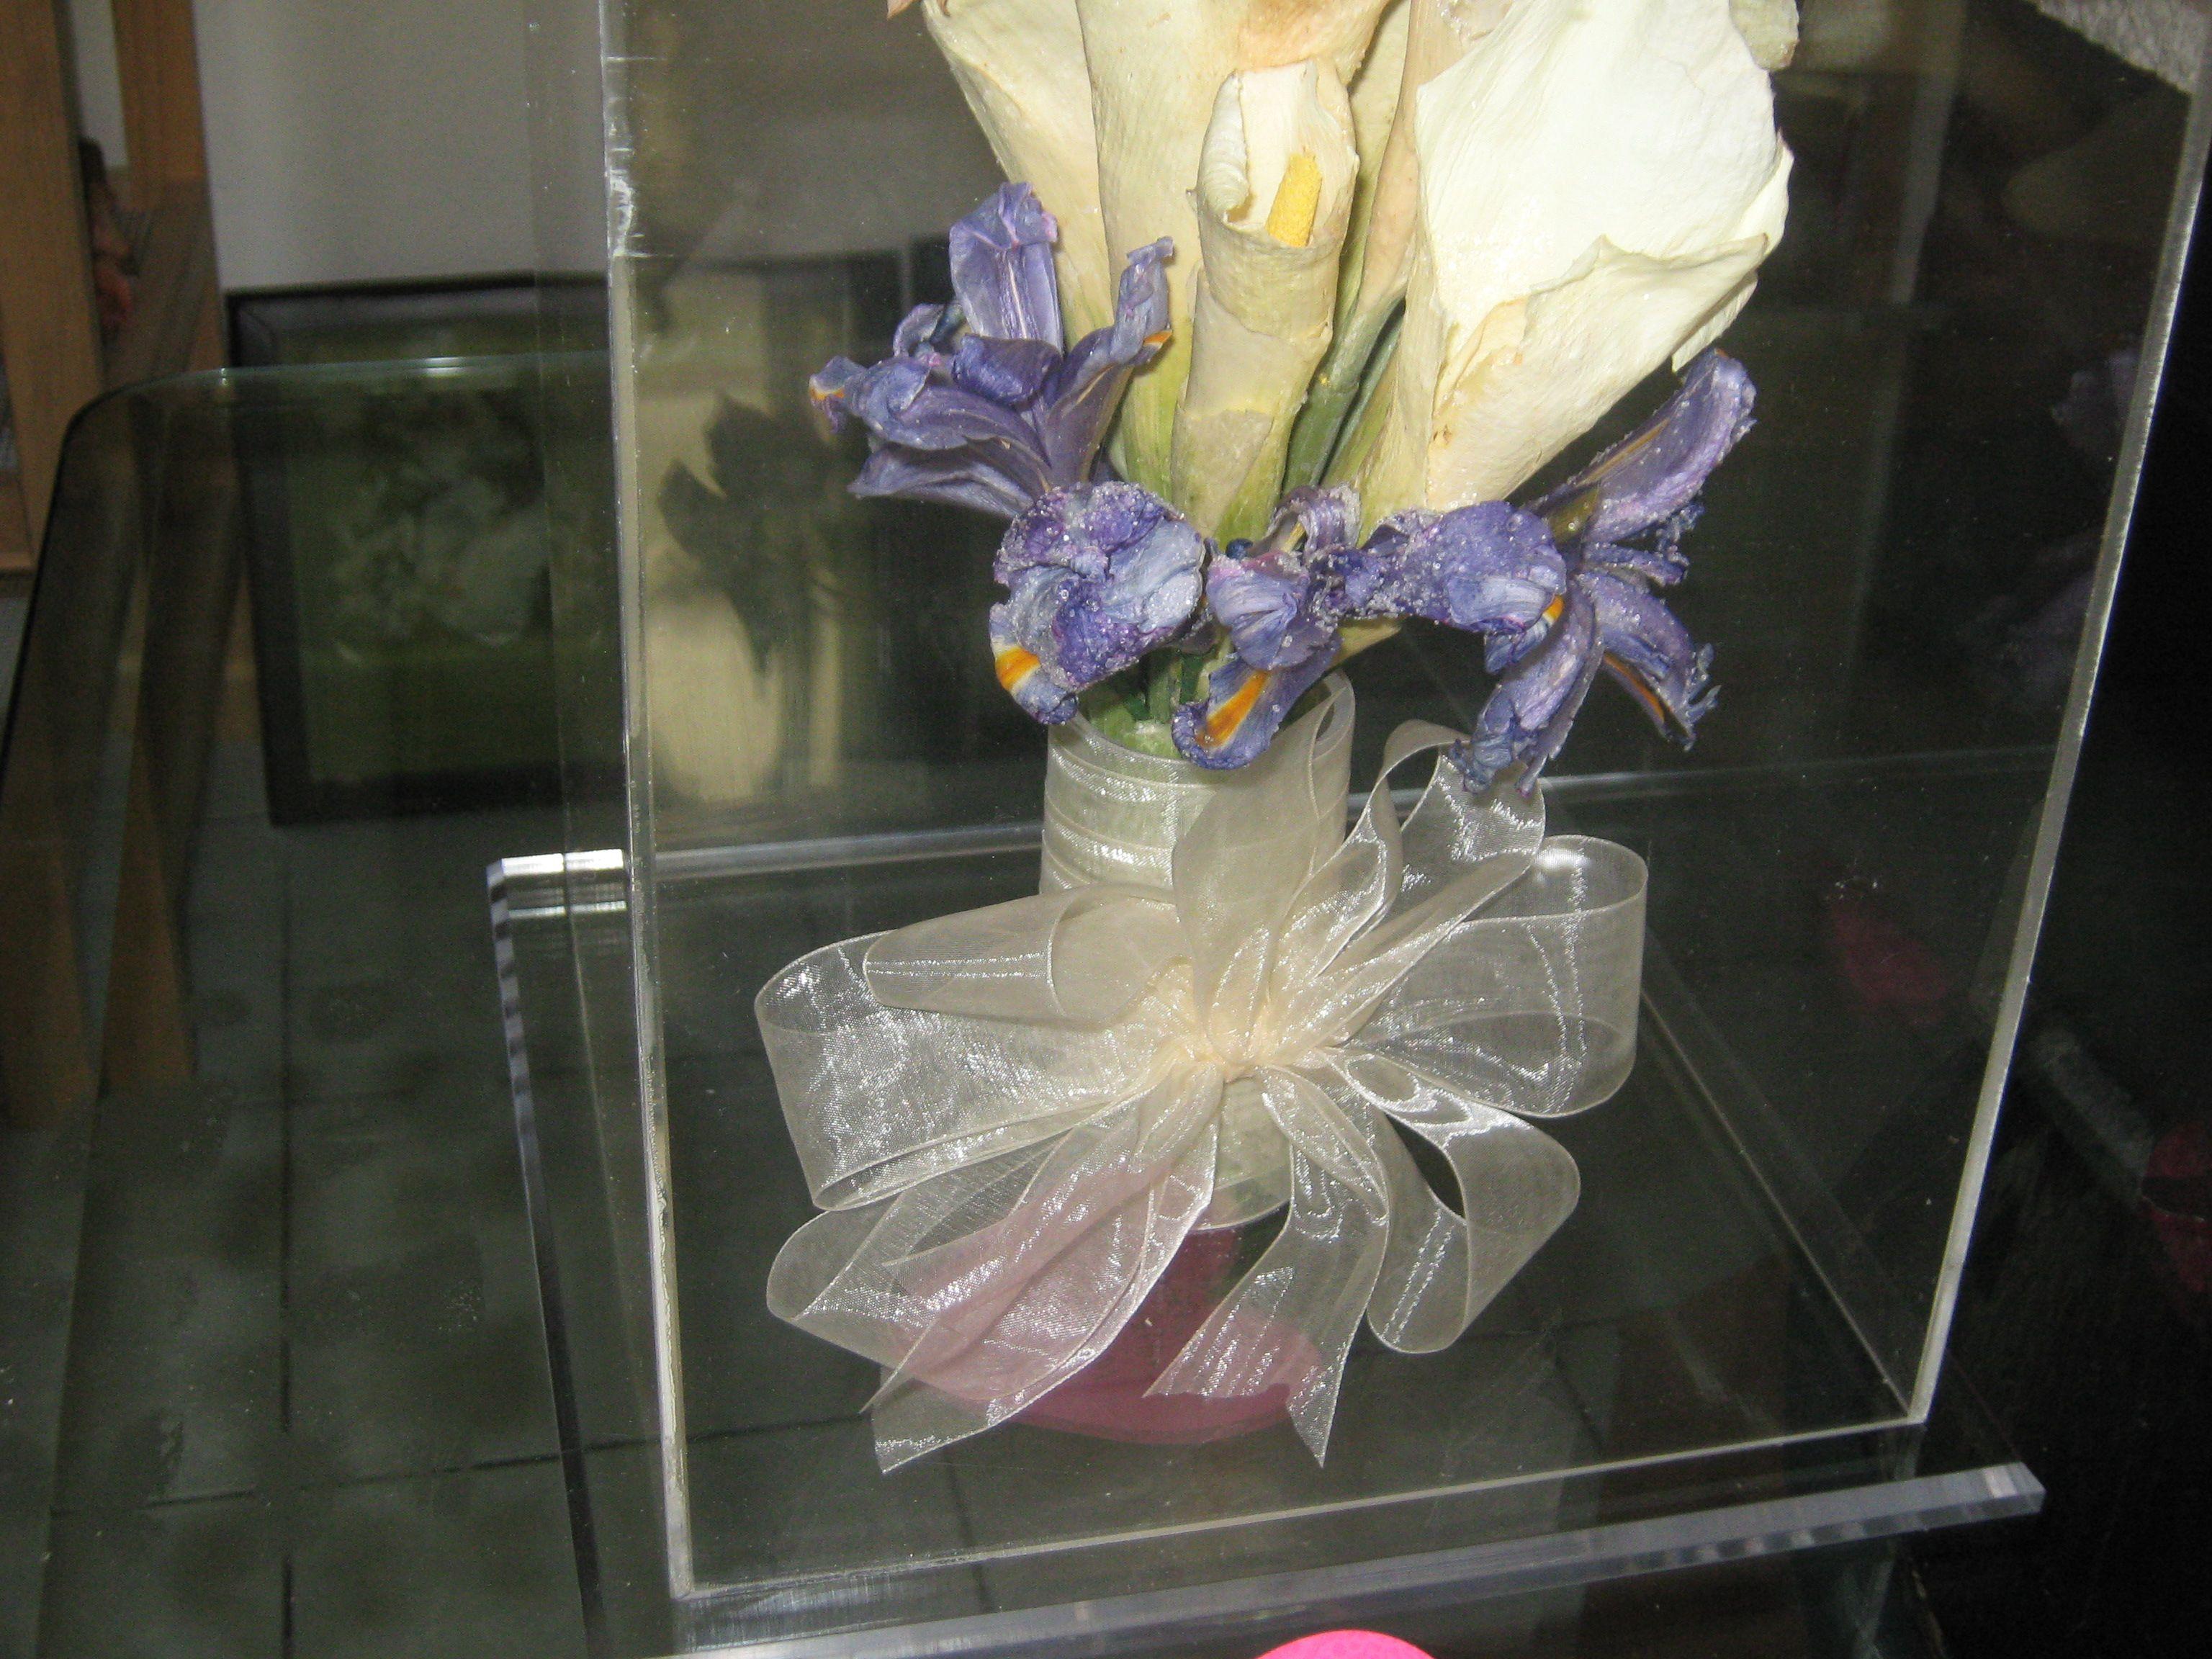 Ramo de Alcatraces acompañado de unas lindas flores lilas,preservado en @specialtycleaners